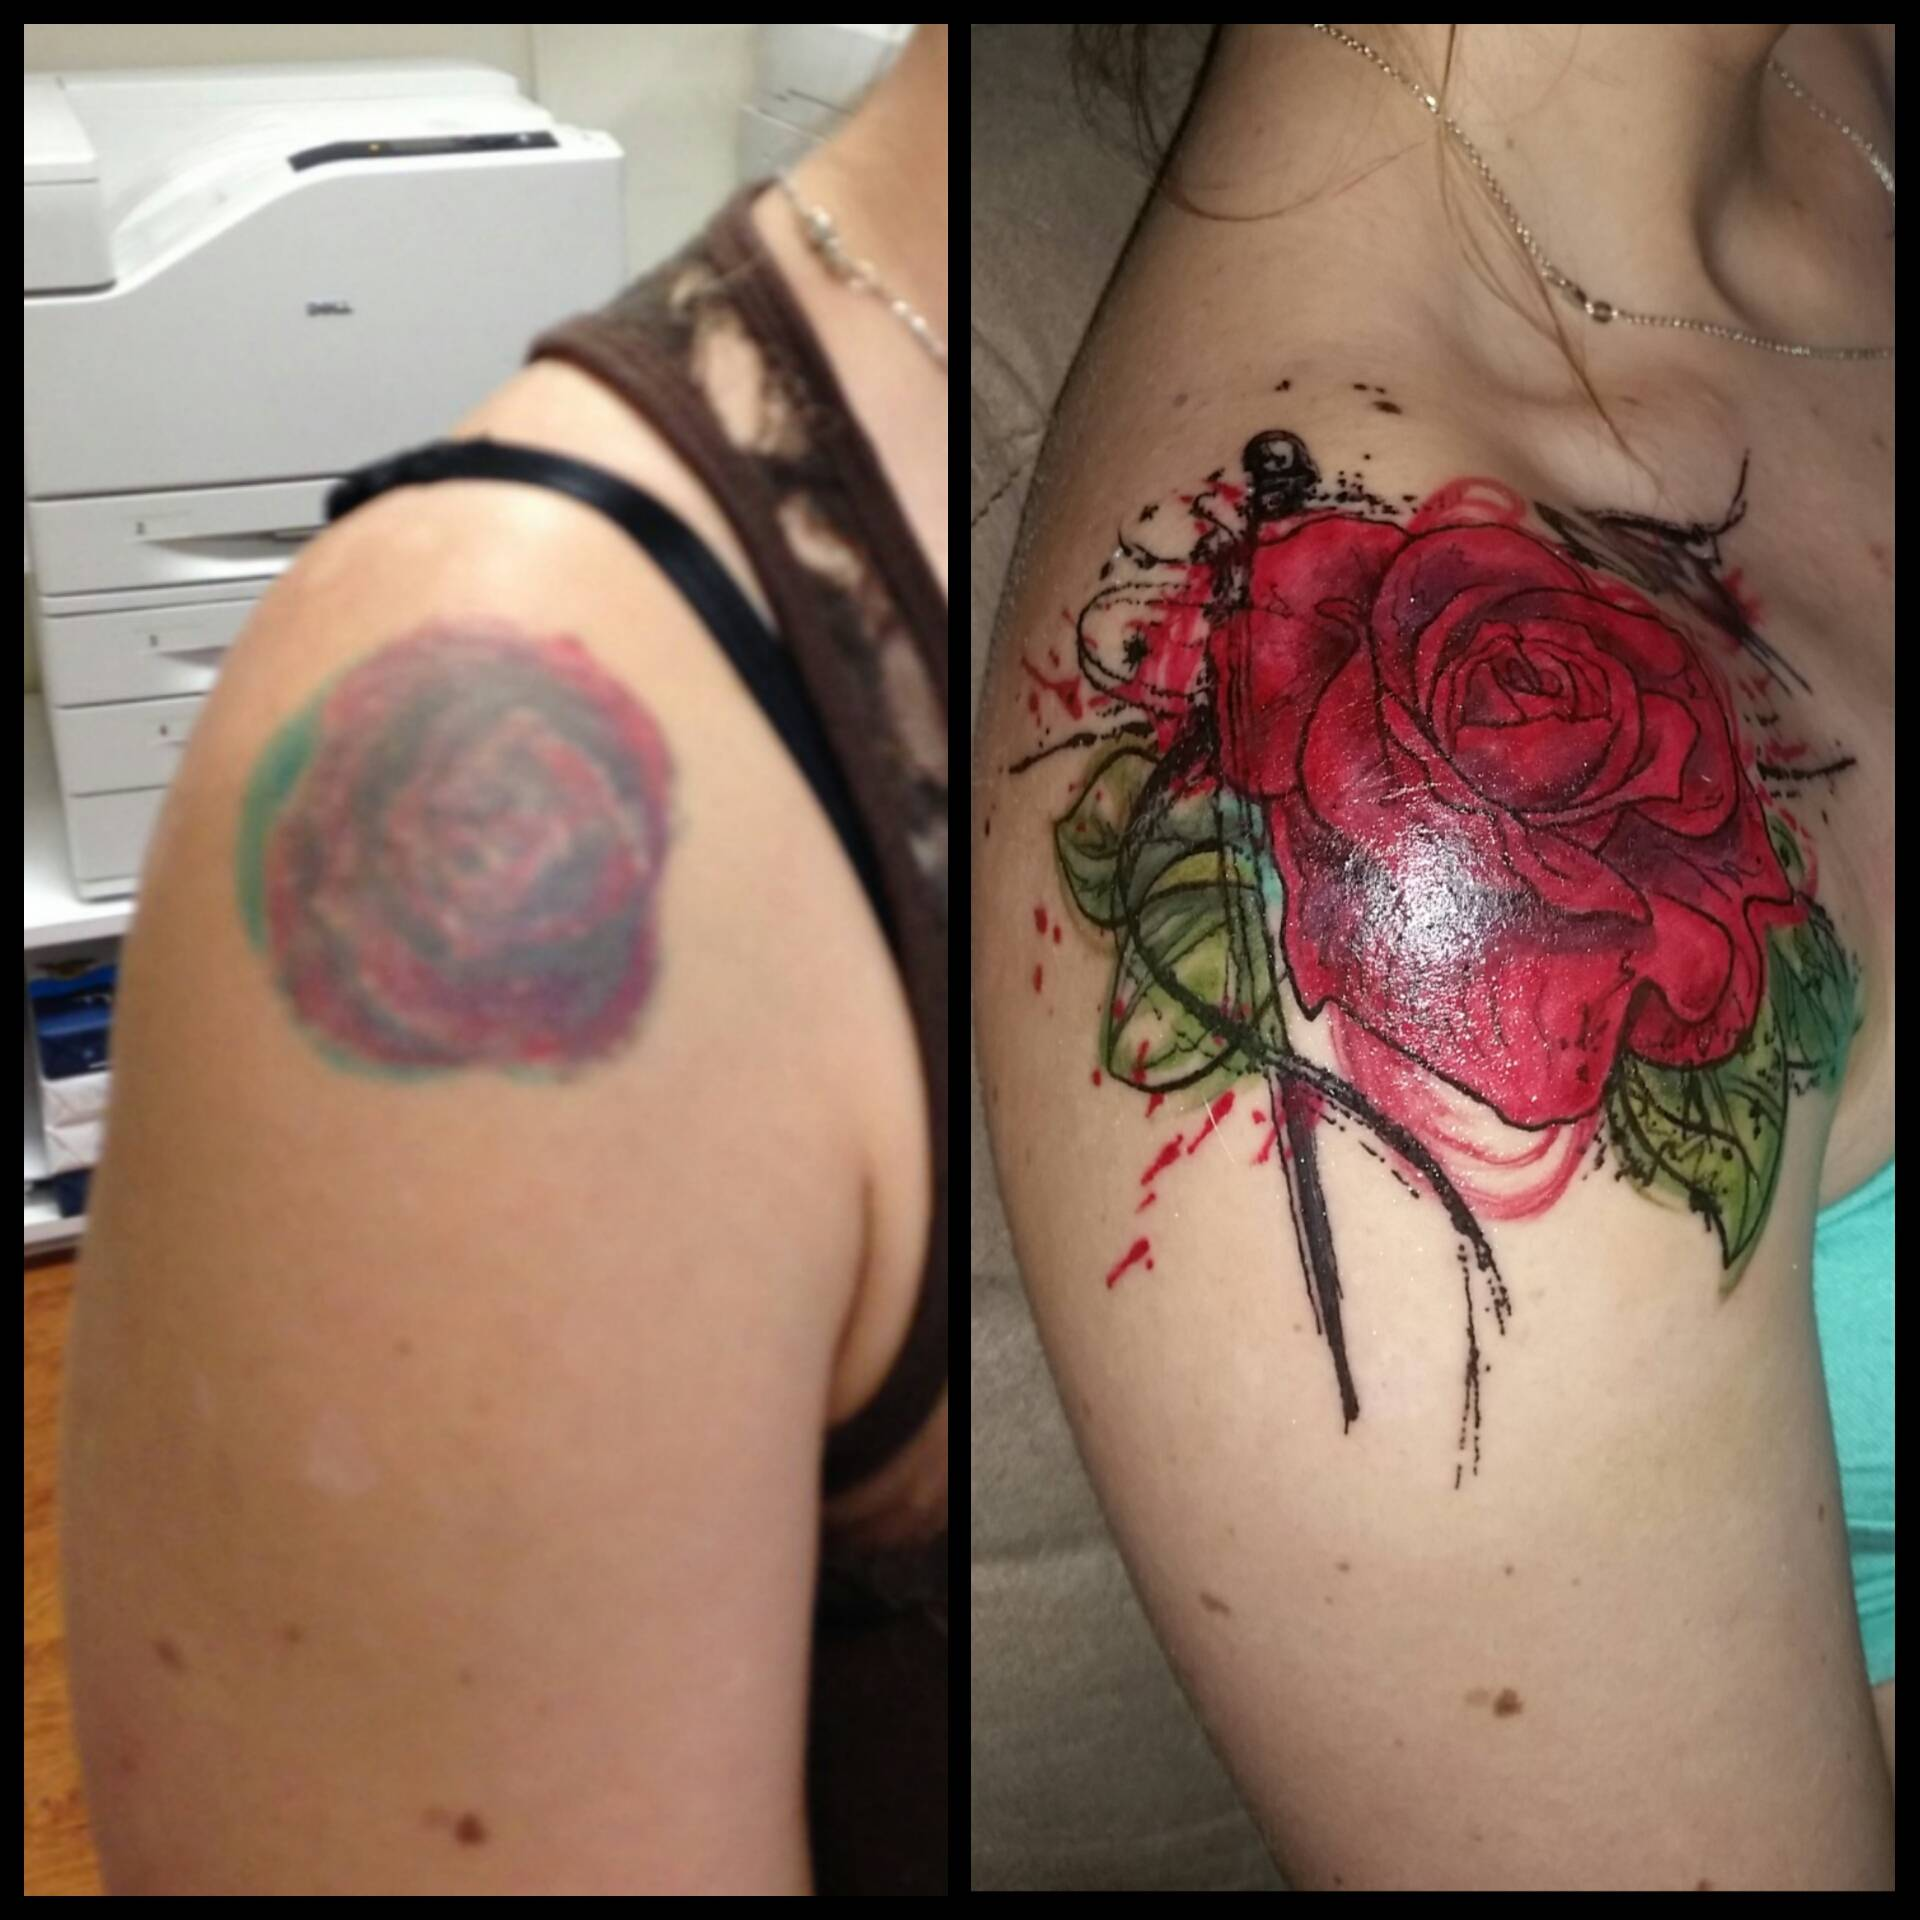 фото исправленных тату до и после только после того